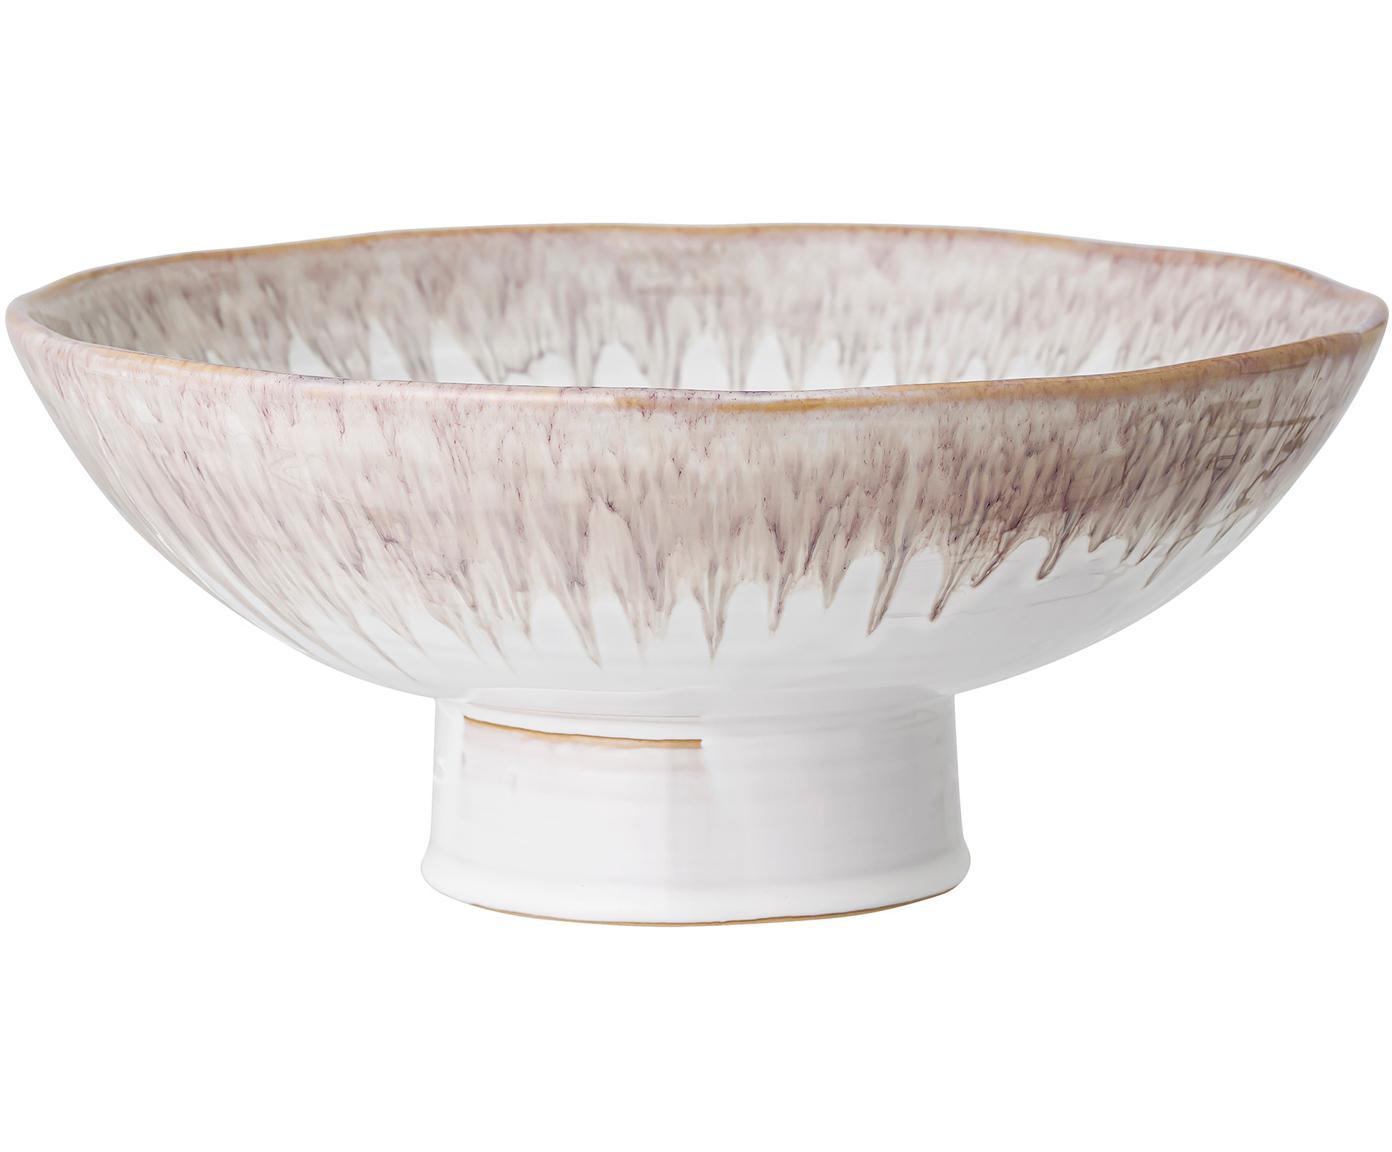 Bol artesanal Caya, Gres, Beige, Ø 31 x Al 13 cm